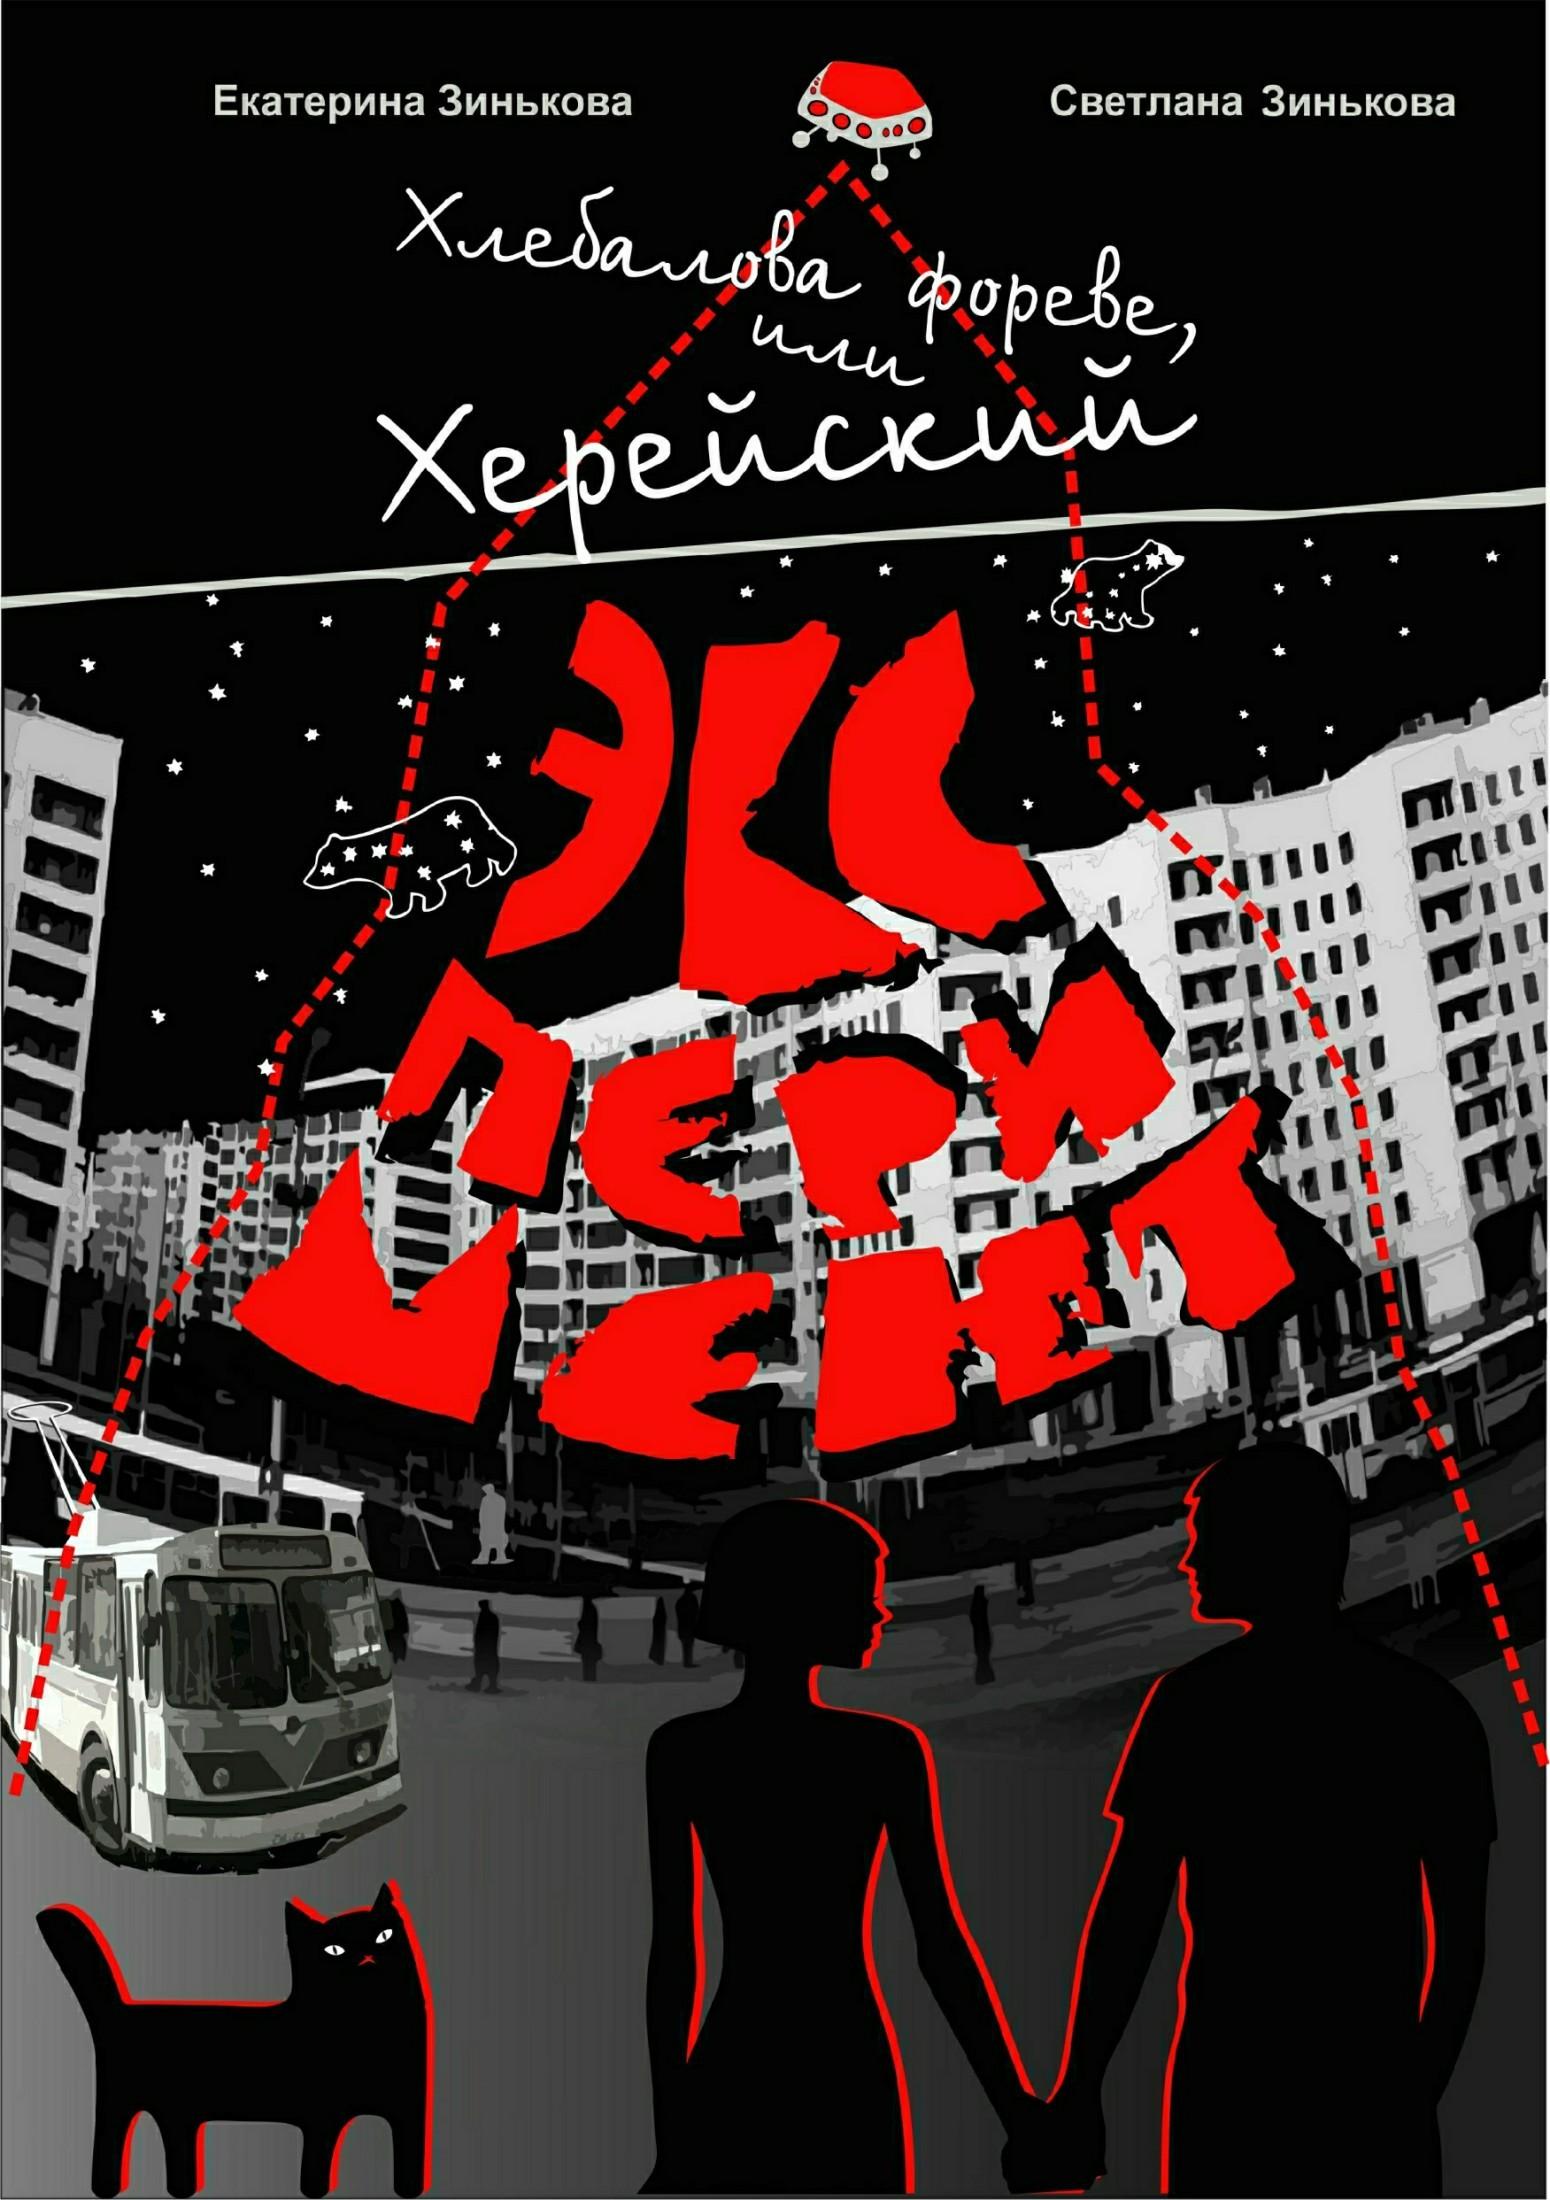 Обложка книги Хлебалова фореве, или Херейский эксперимент, автор Екатерина Владимировна Зинькова